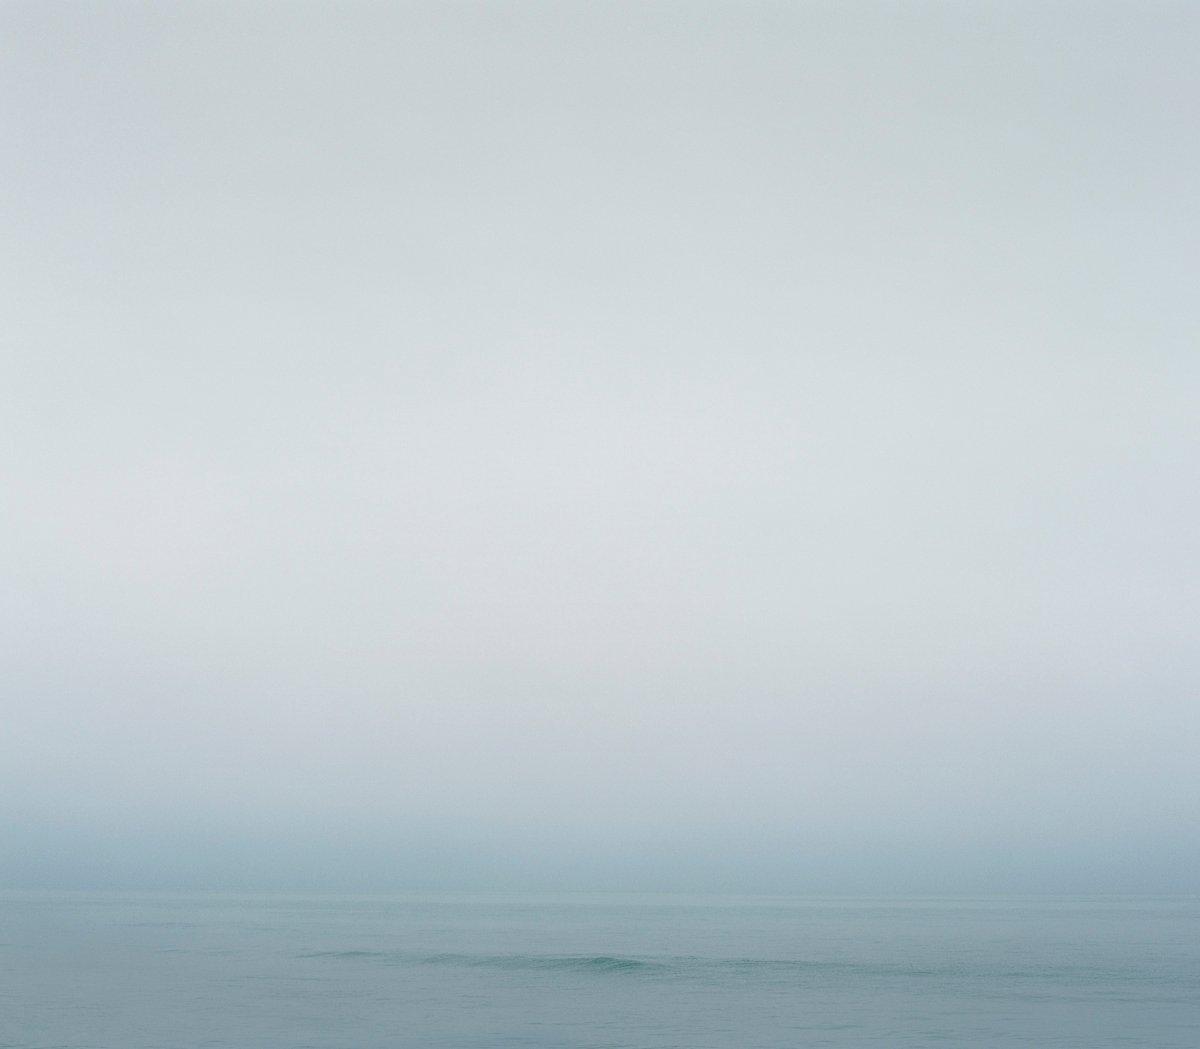 Image of Untitled I